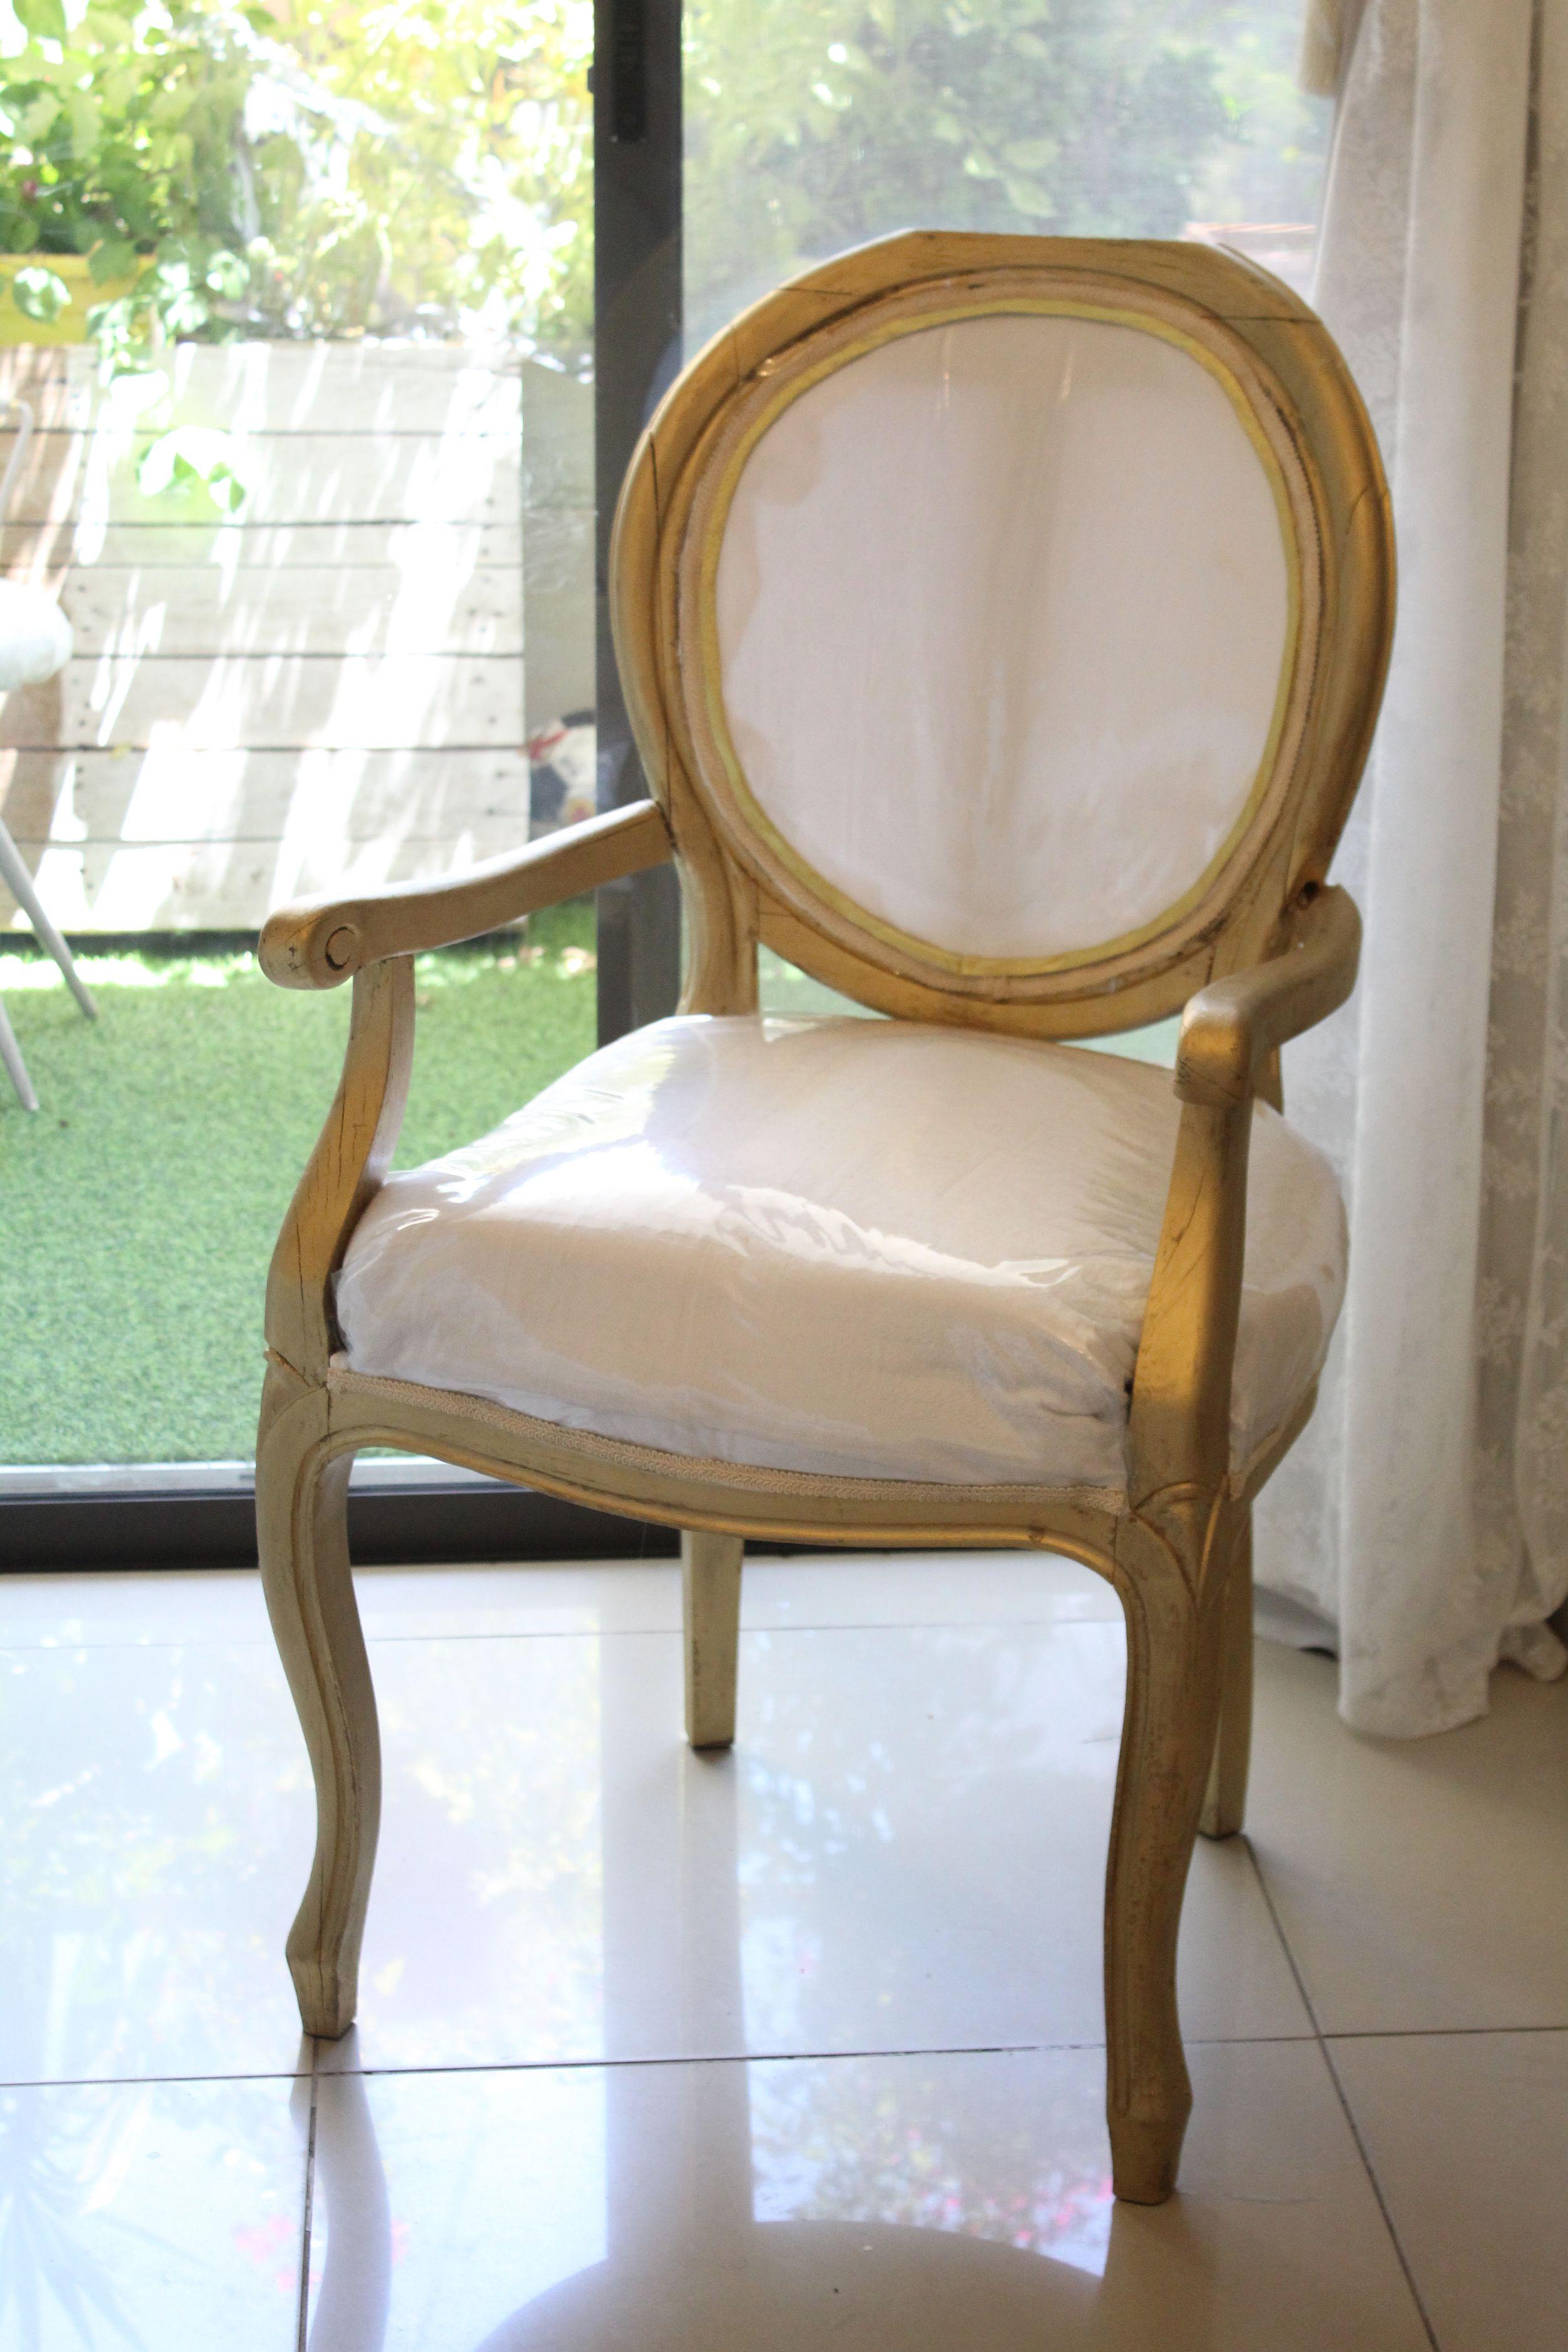 IMG 4205 - חידוש כסא עתיק